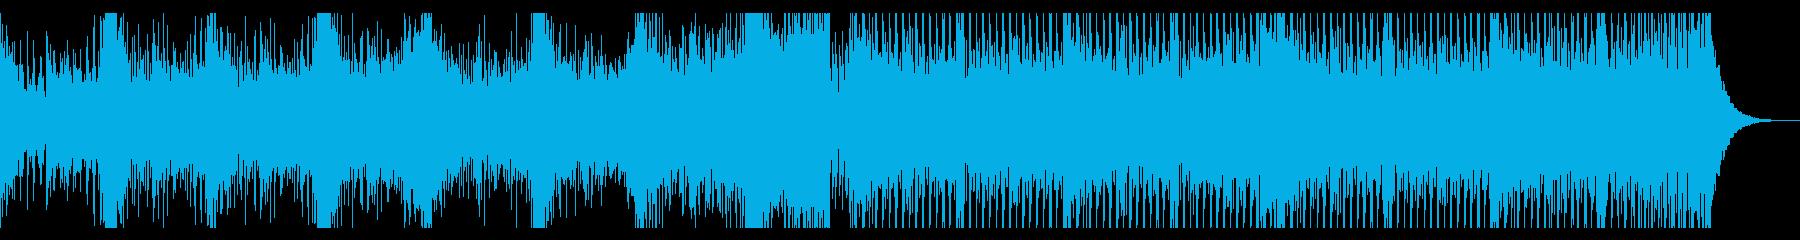 壮大なシネマティックエレクトロの再生済みの波形